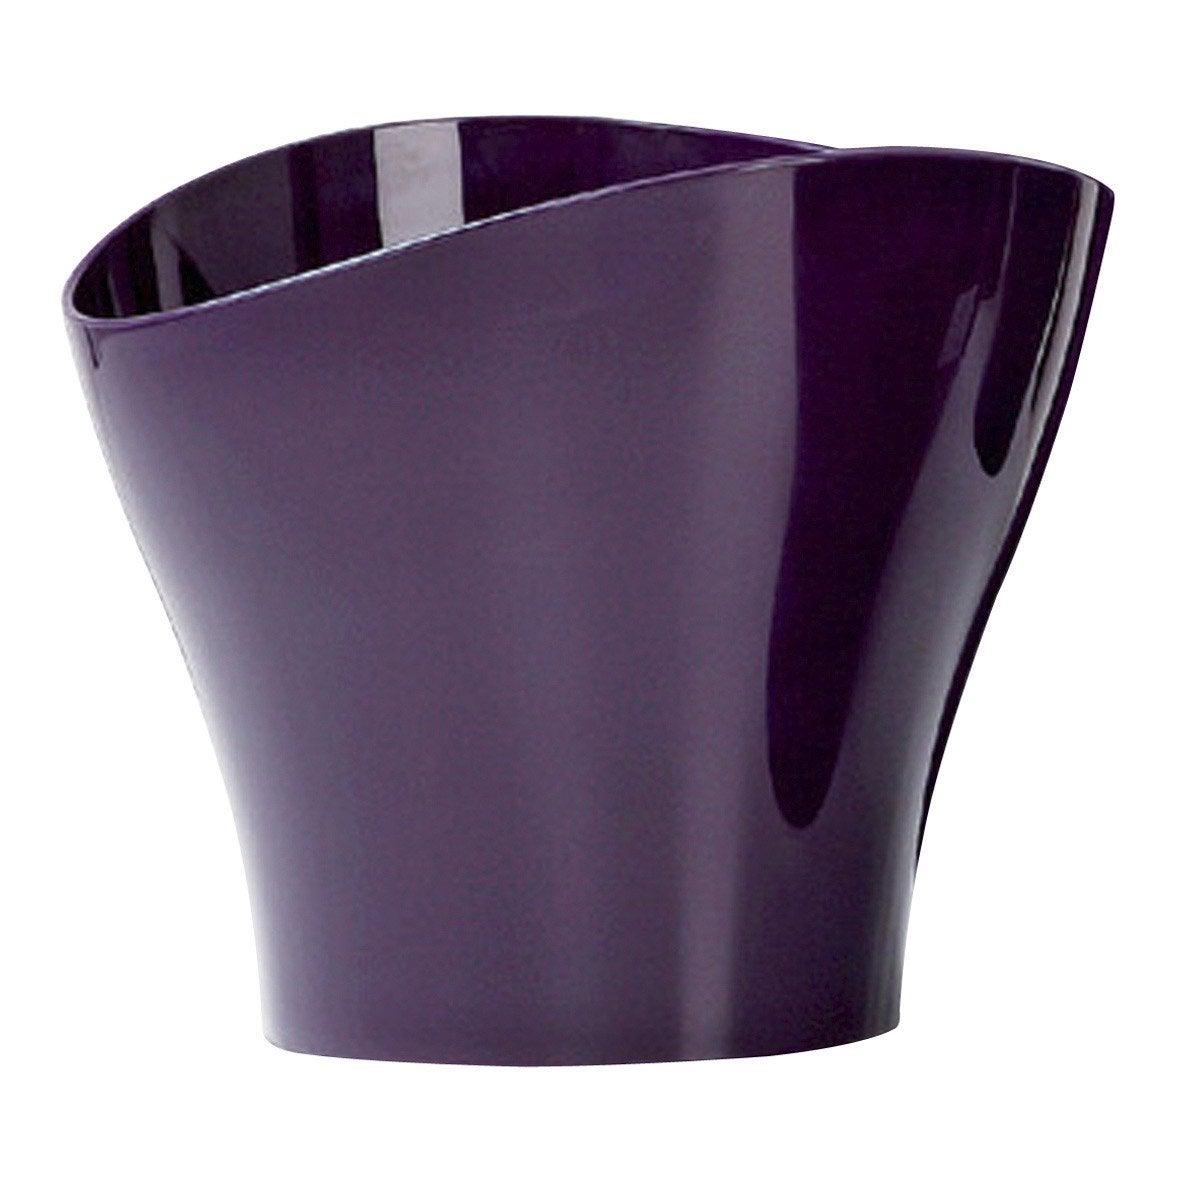 Cachepot polypropylène SCHEURICH Diam17 x H14 cm violet